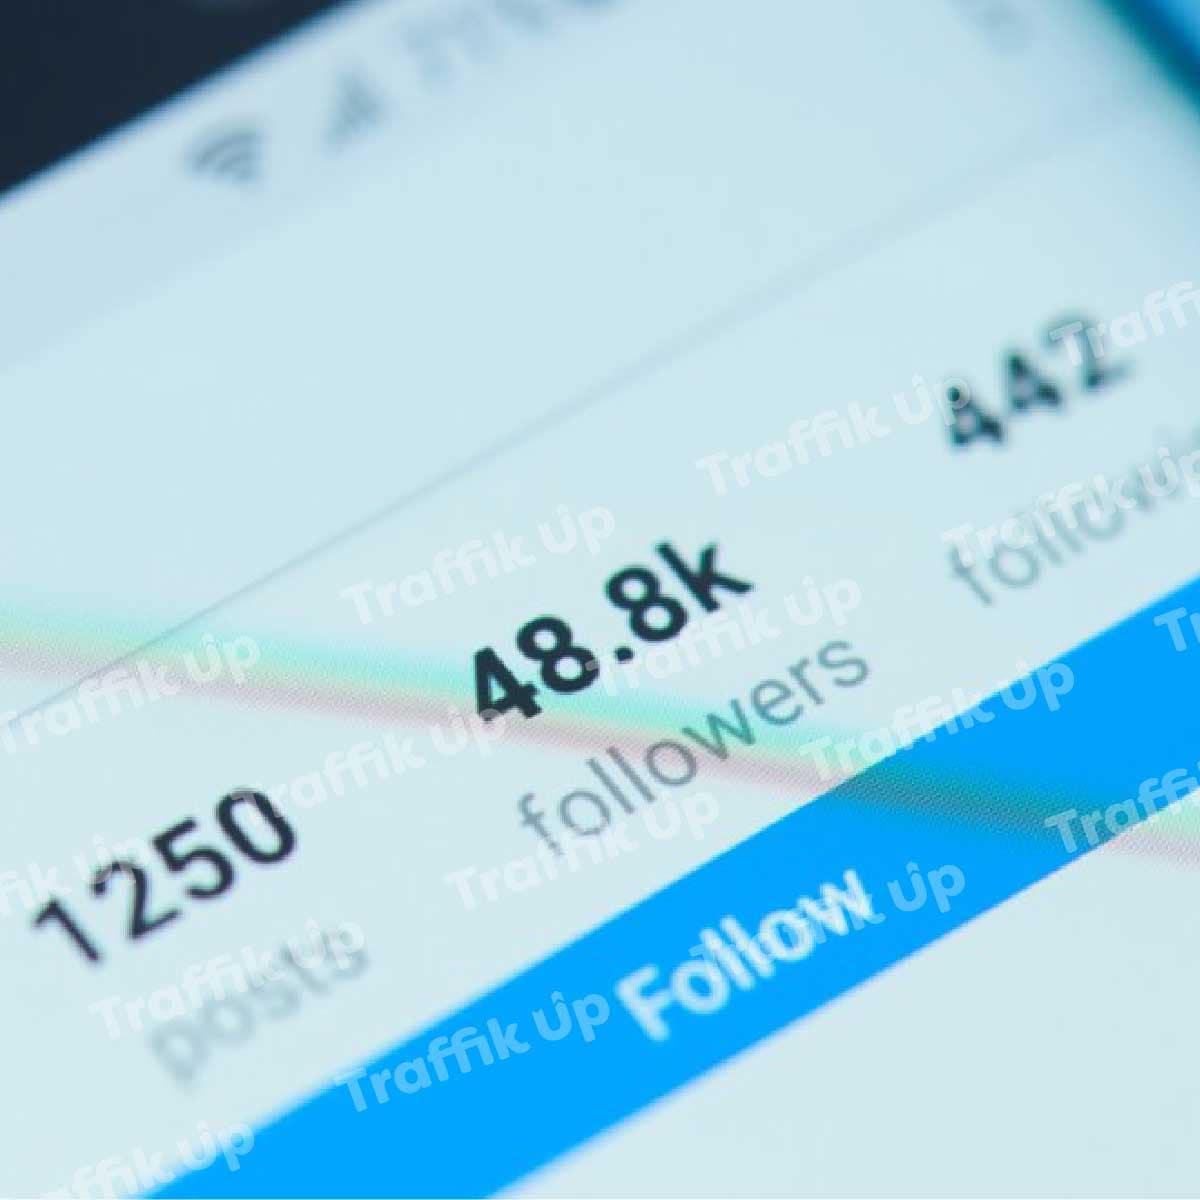 Come vedere i profili privati su Instagram senza seguirli, 3 metodi funzionanti